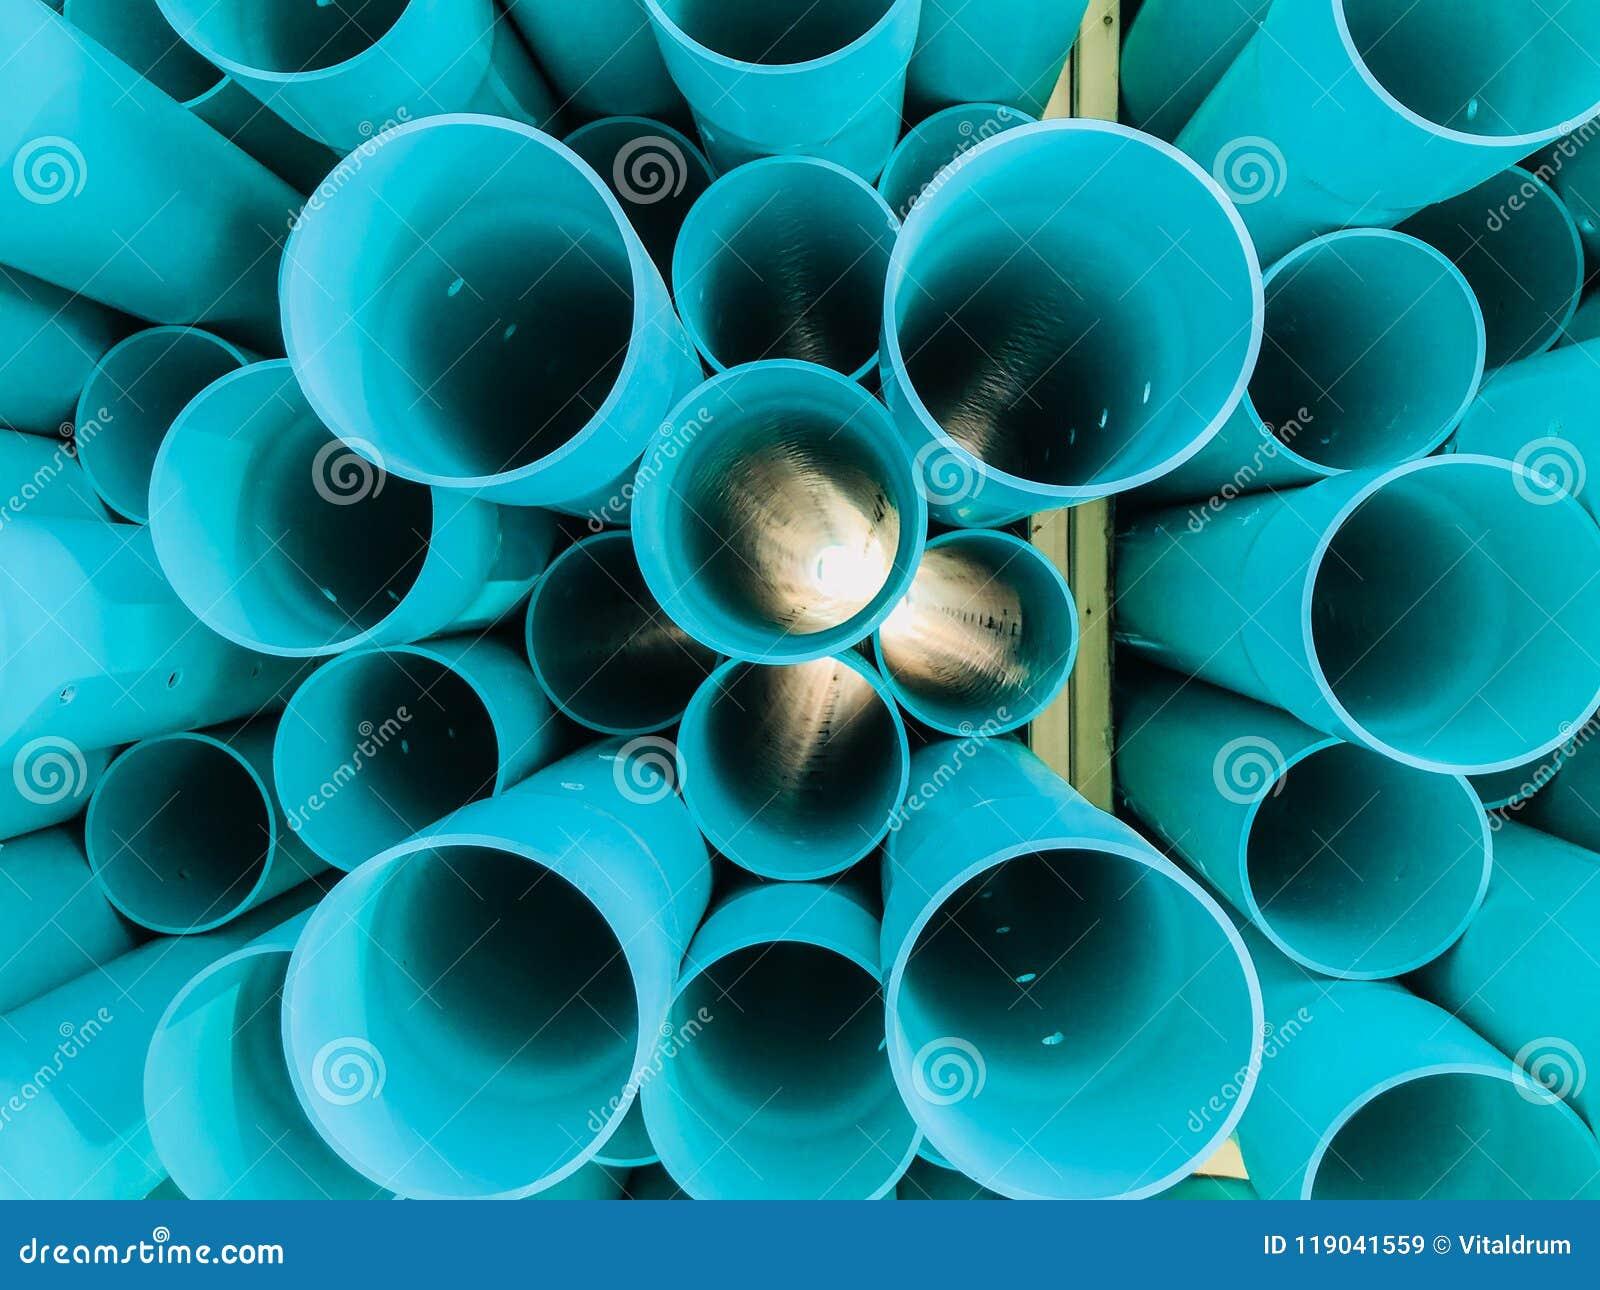 Αφηρημένη λεπτομερής κινηματογράφηση σε πρώτο πλάνο άποψη των μπλε βιομηχανικών πλαστικών σωλήνων επικοινωνίας, σωλήνες